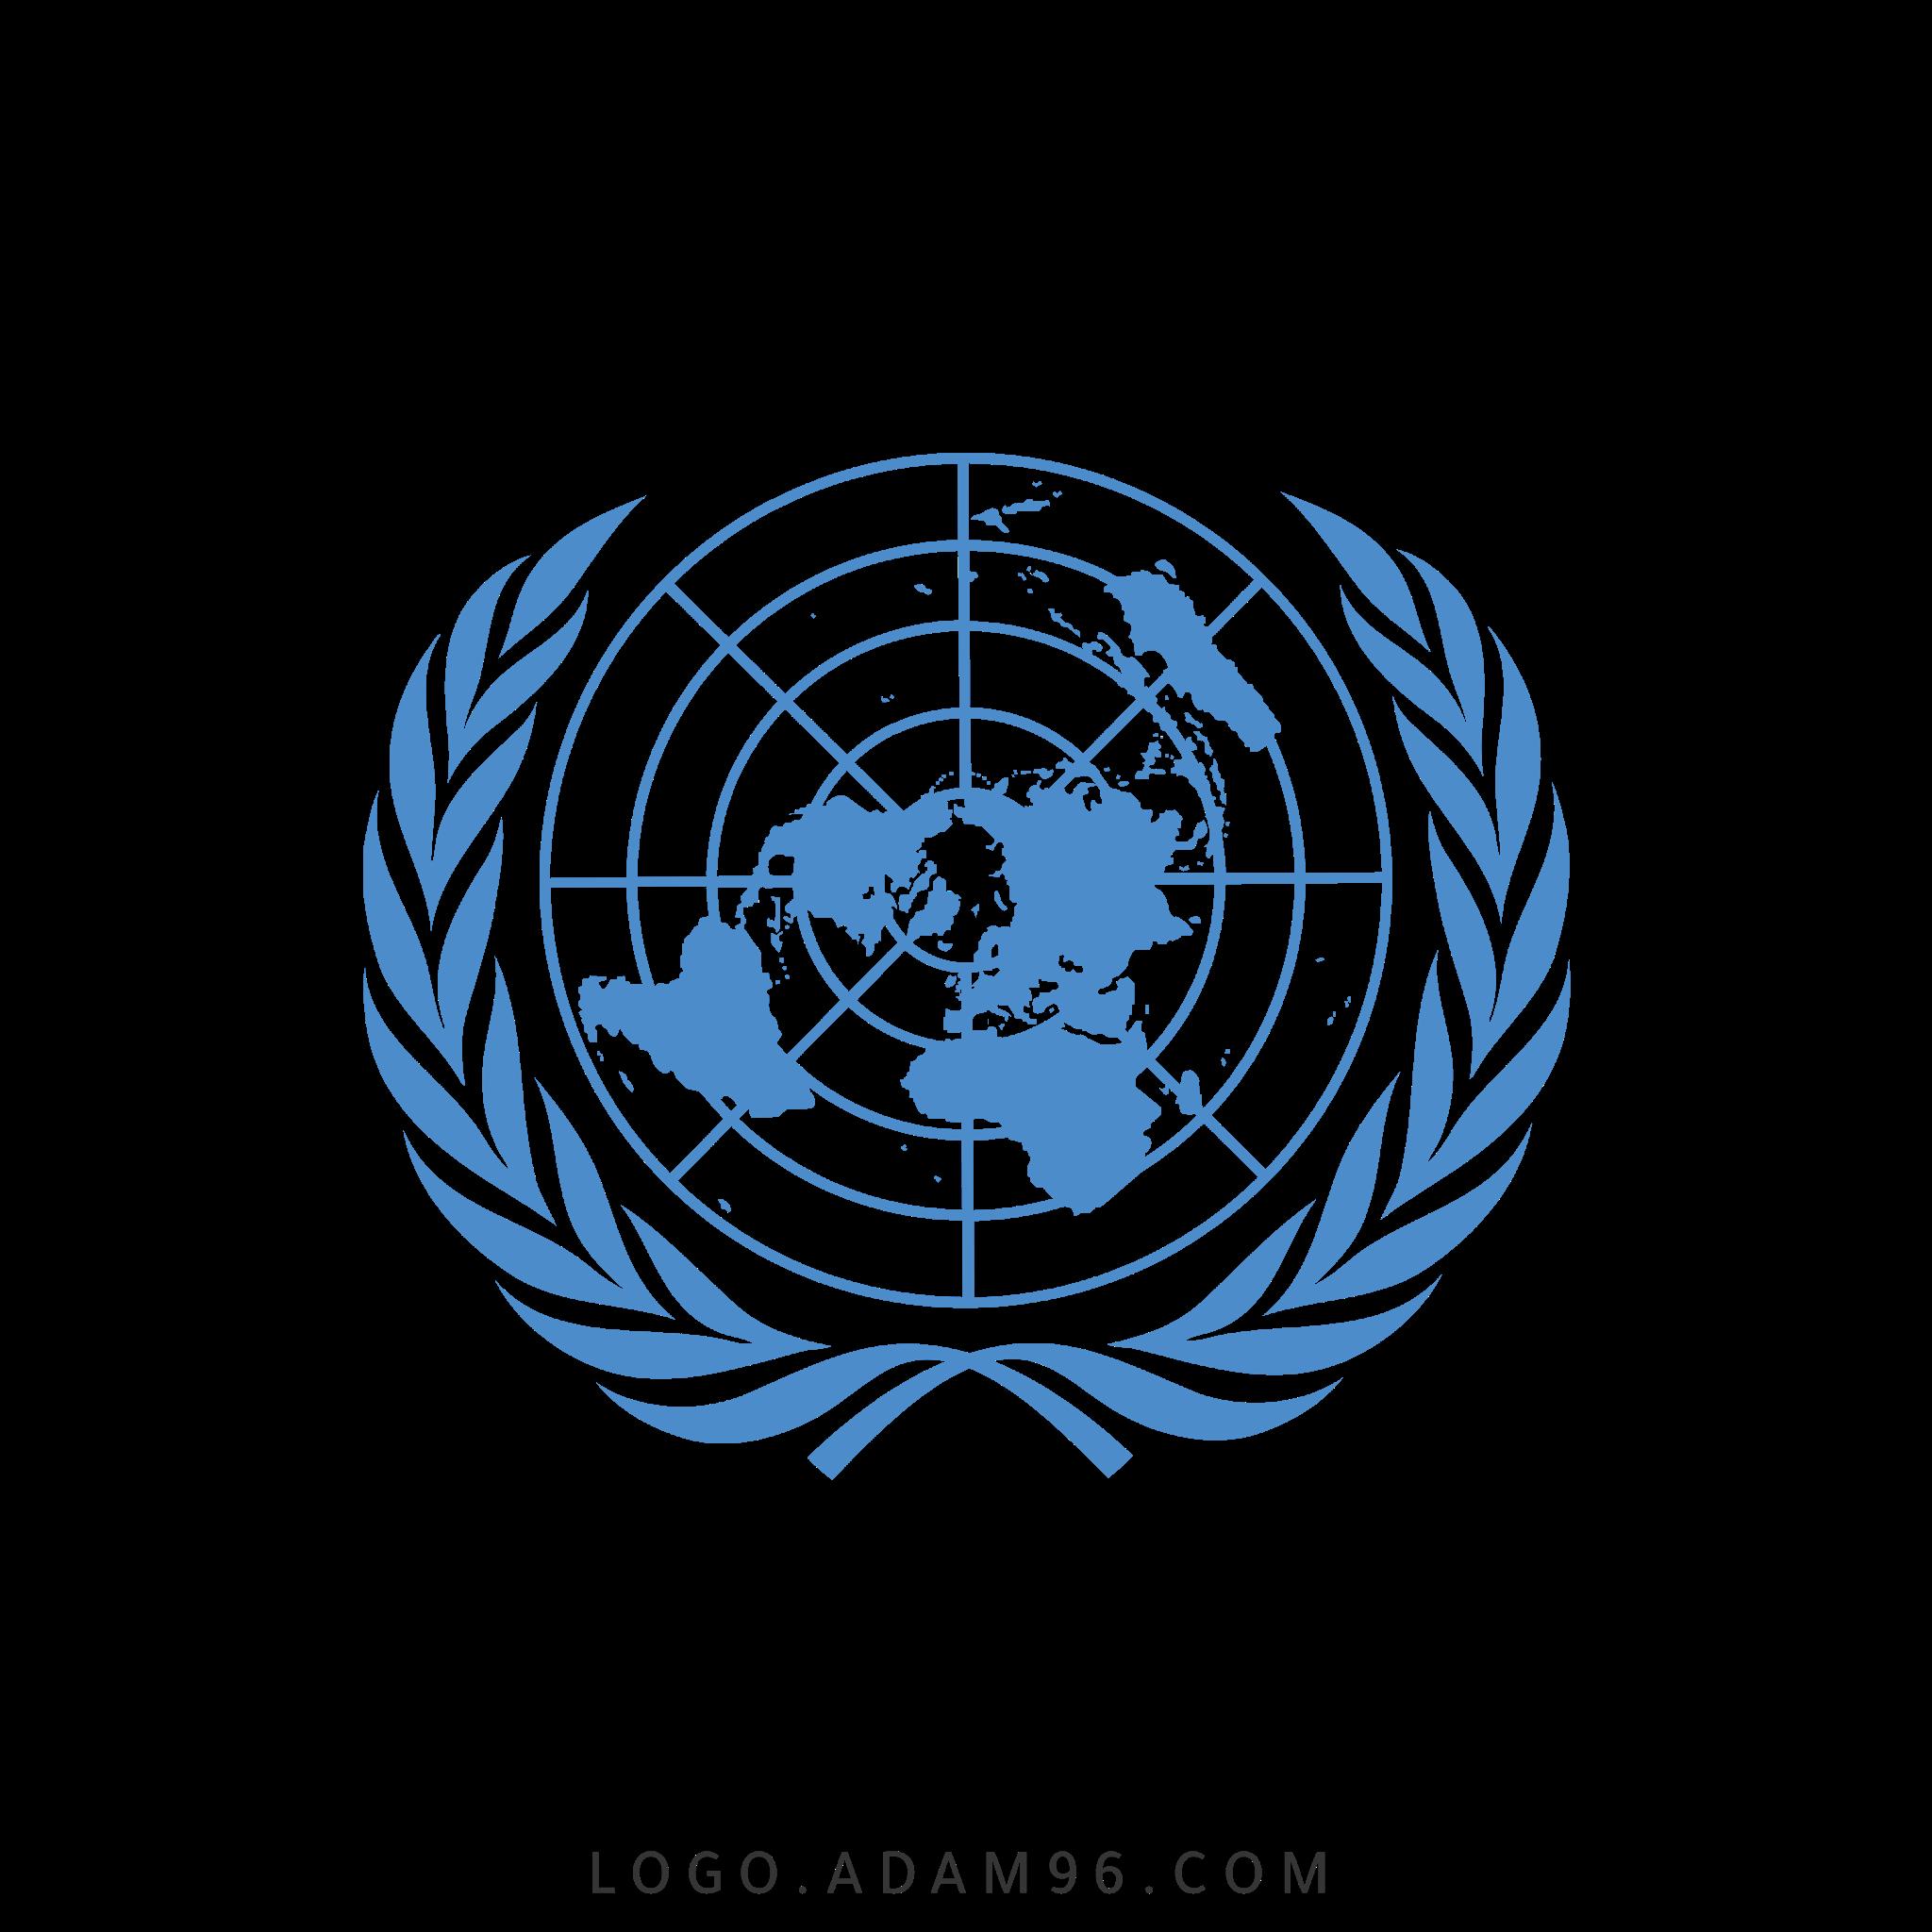 تحميل شعار الأمم المتحدة لوجو رسمي عالي الجودة PNG